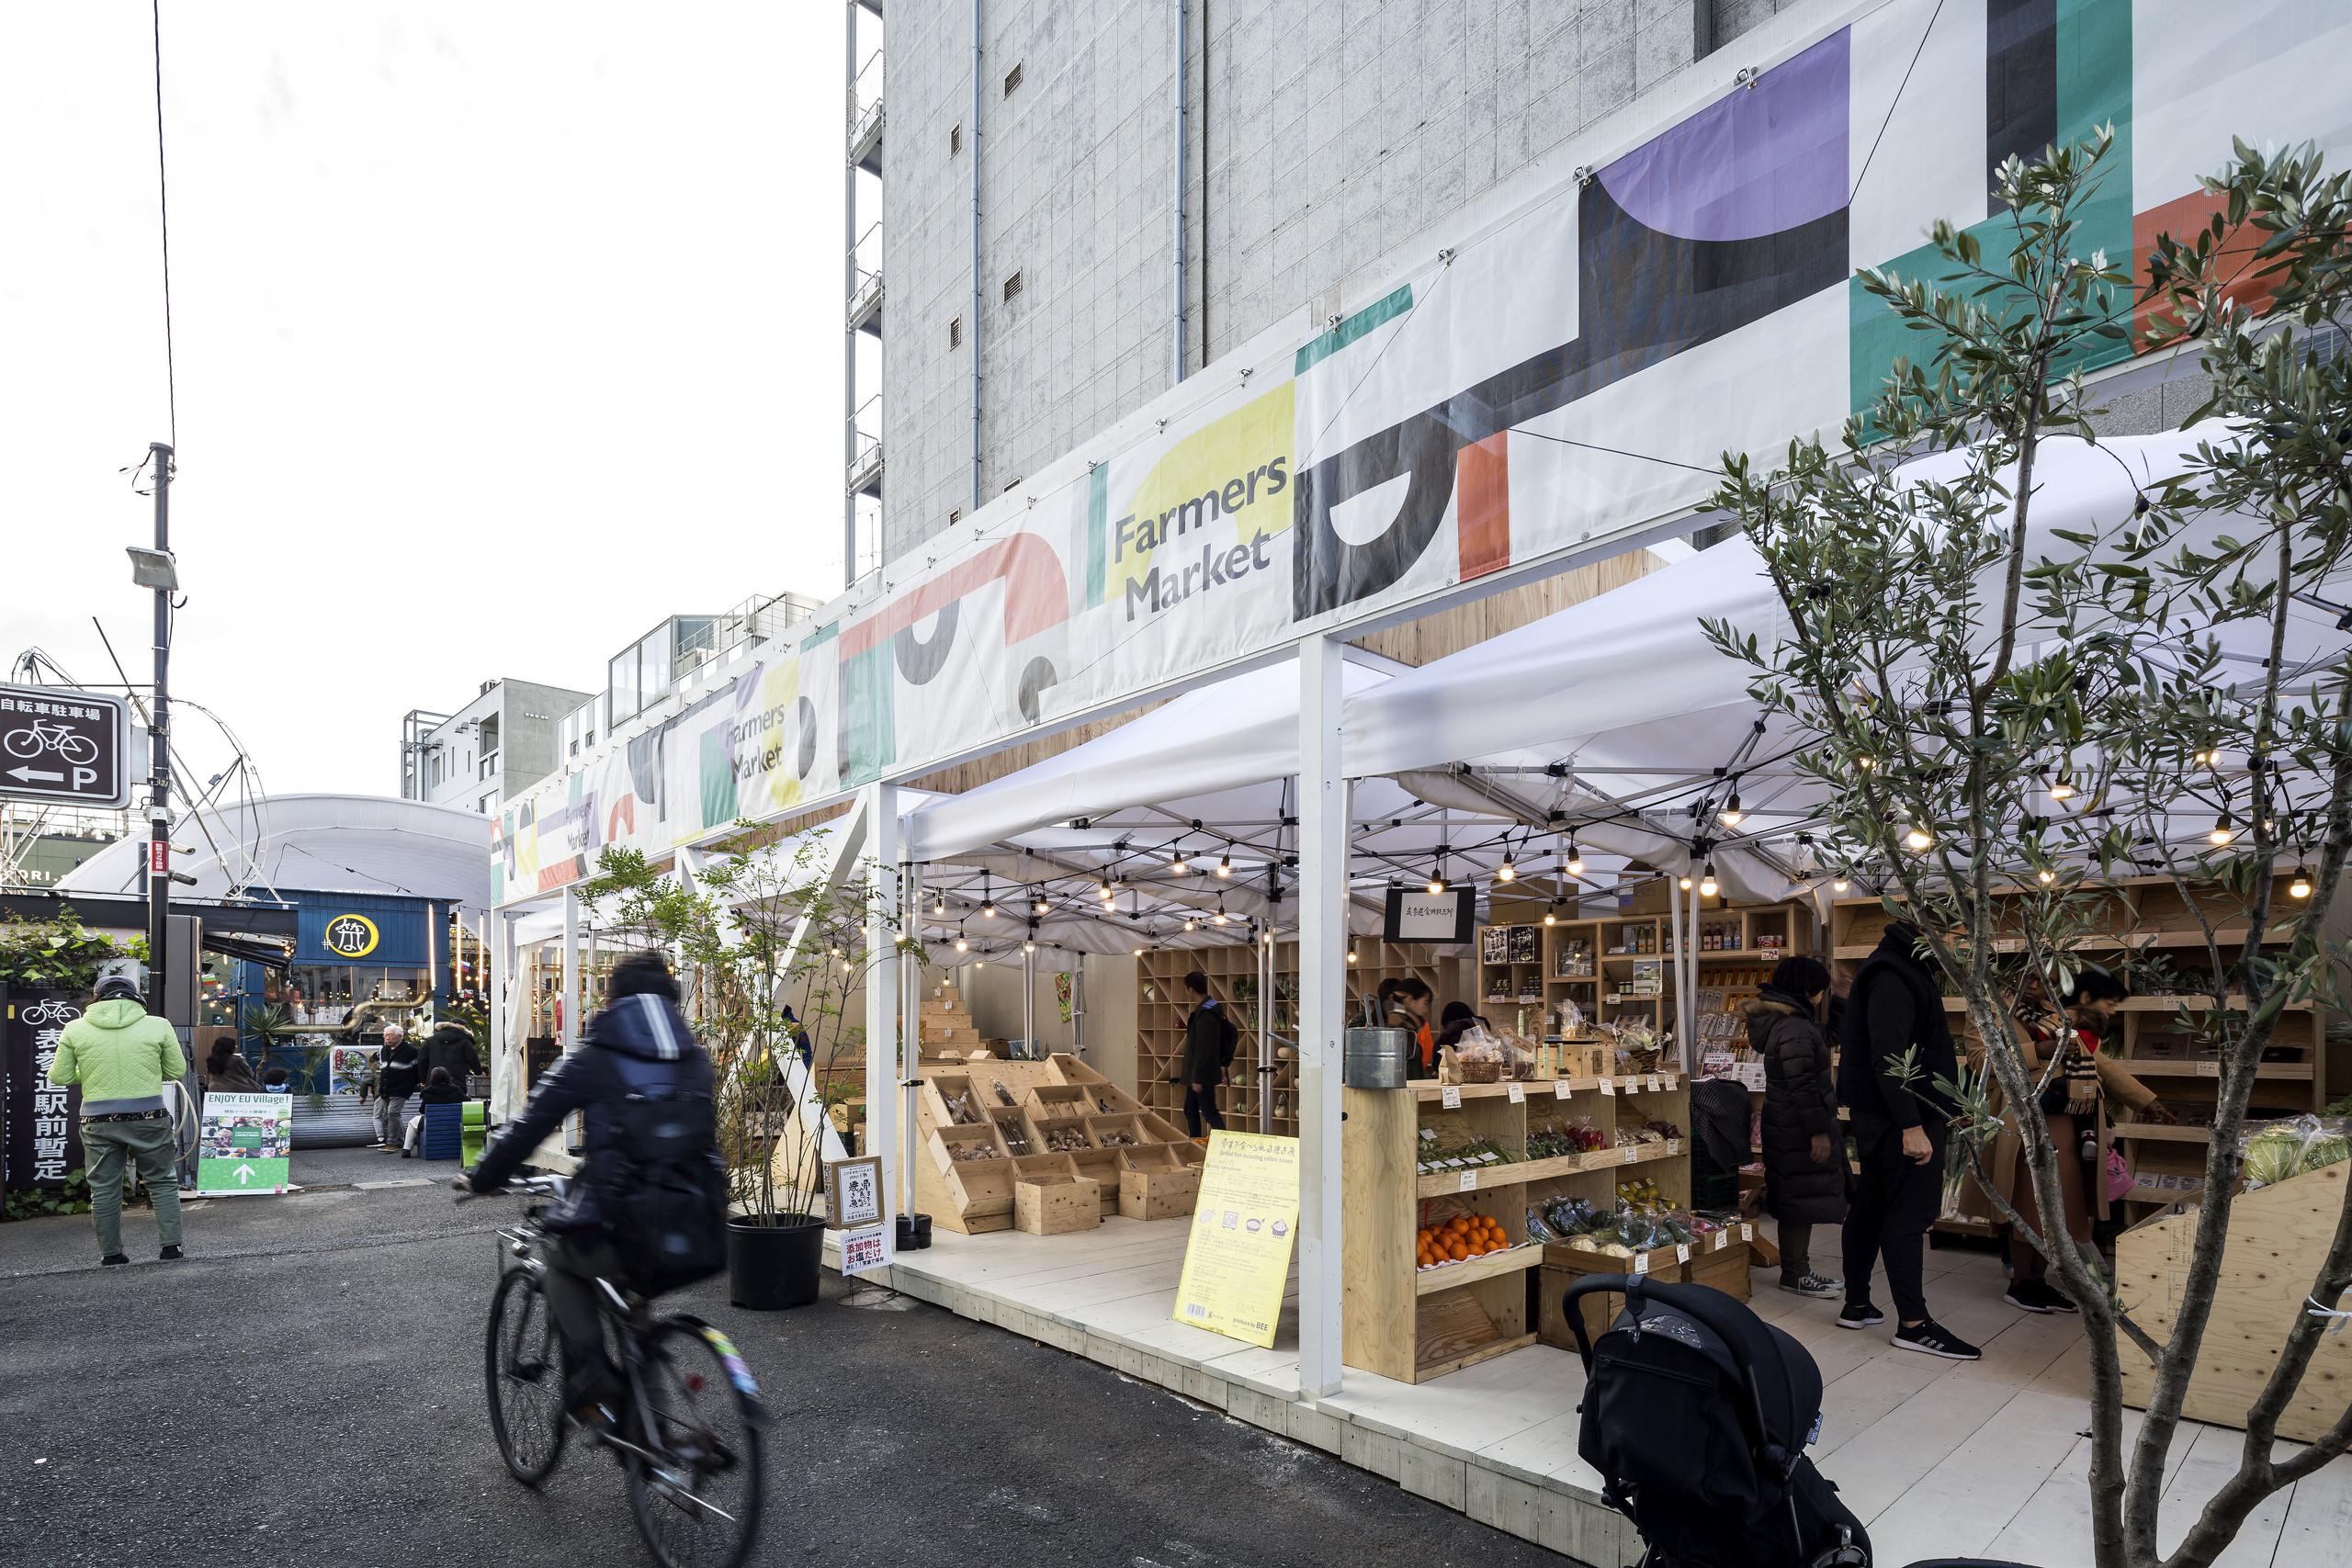 道を拡張したファーマーズマーケット / COMMUNEの建築事例写真